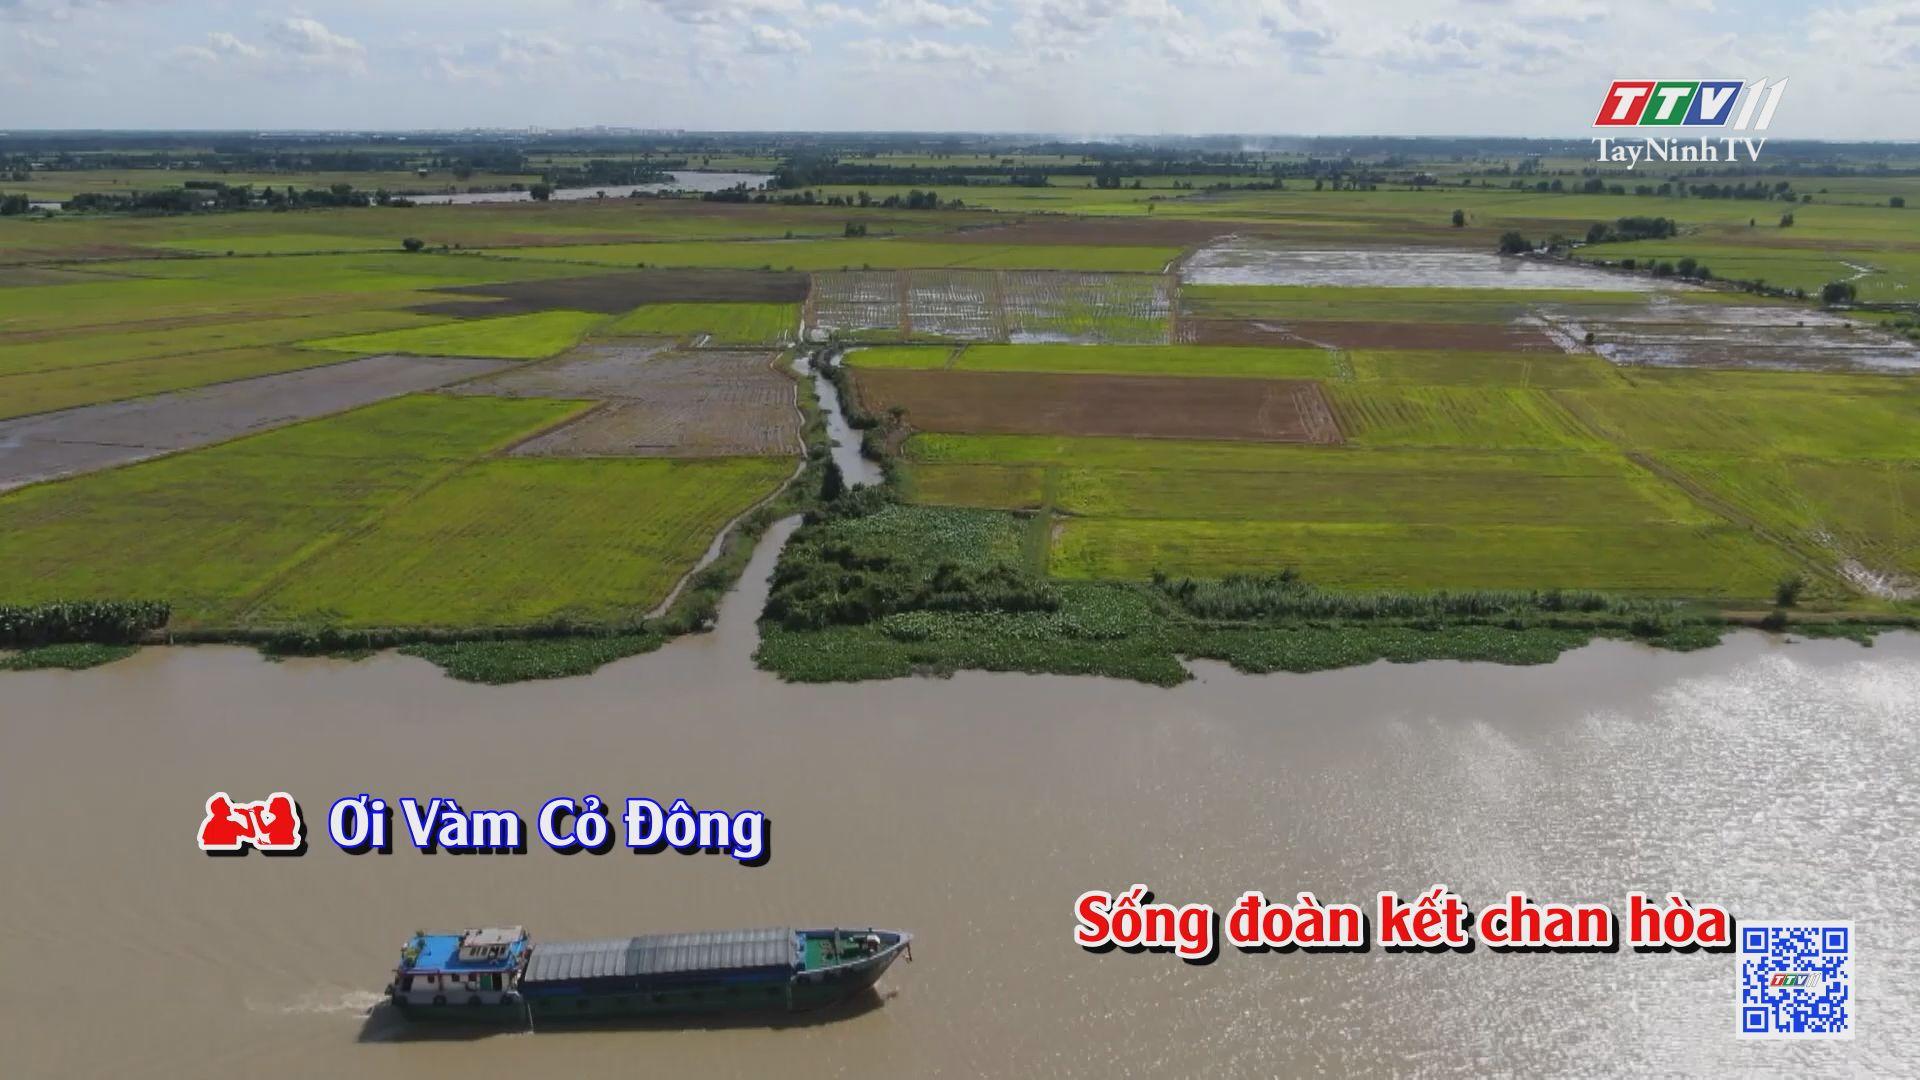 Đôi bờ sông Vàm Cỏ Đông KARAOKE | Tuyển tập karaoke Tây Ninh tình yêu trong tôi | TayNinhTV